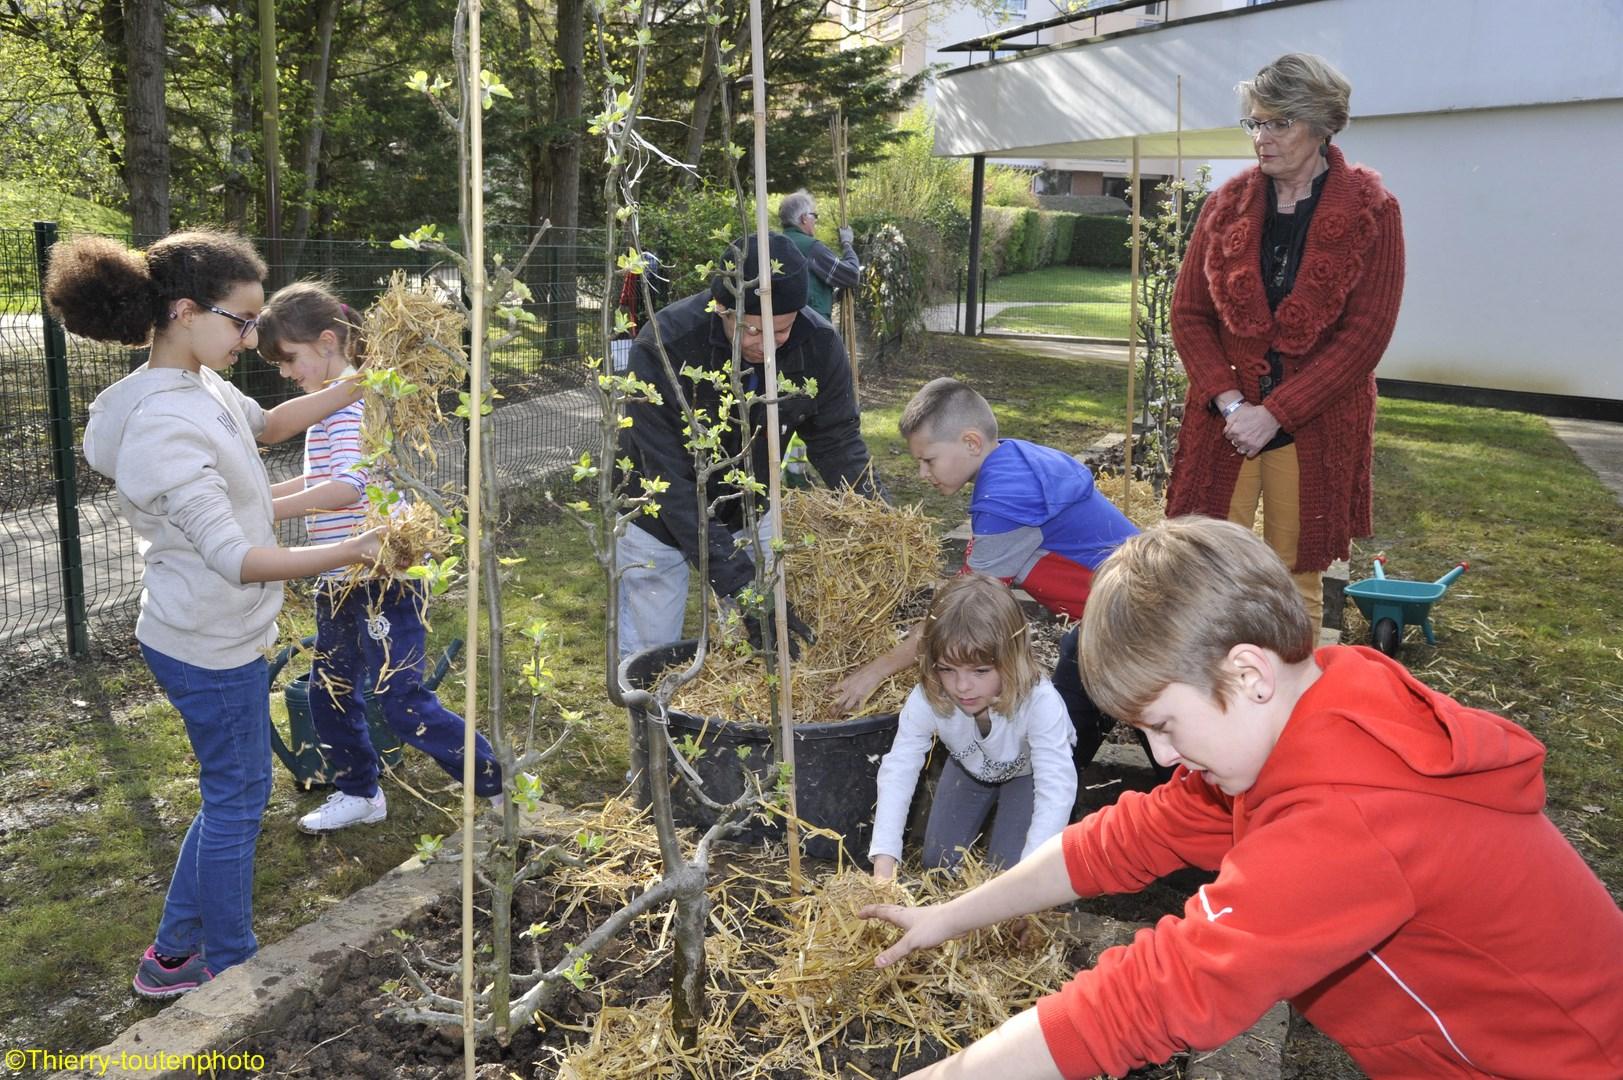 Vaires sur marne les enfants plantent des arbres fruitiers for Au coin de la piscine le gardeur